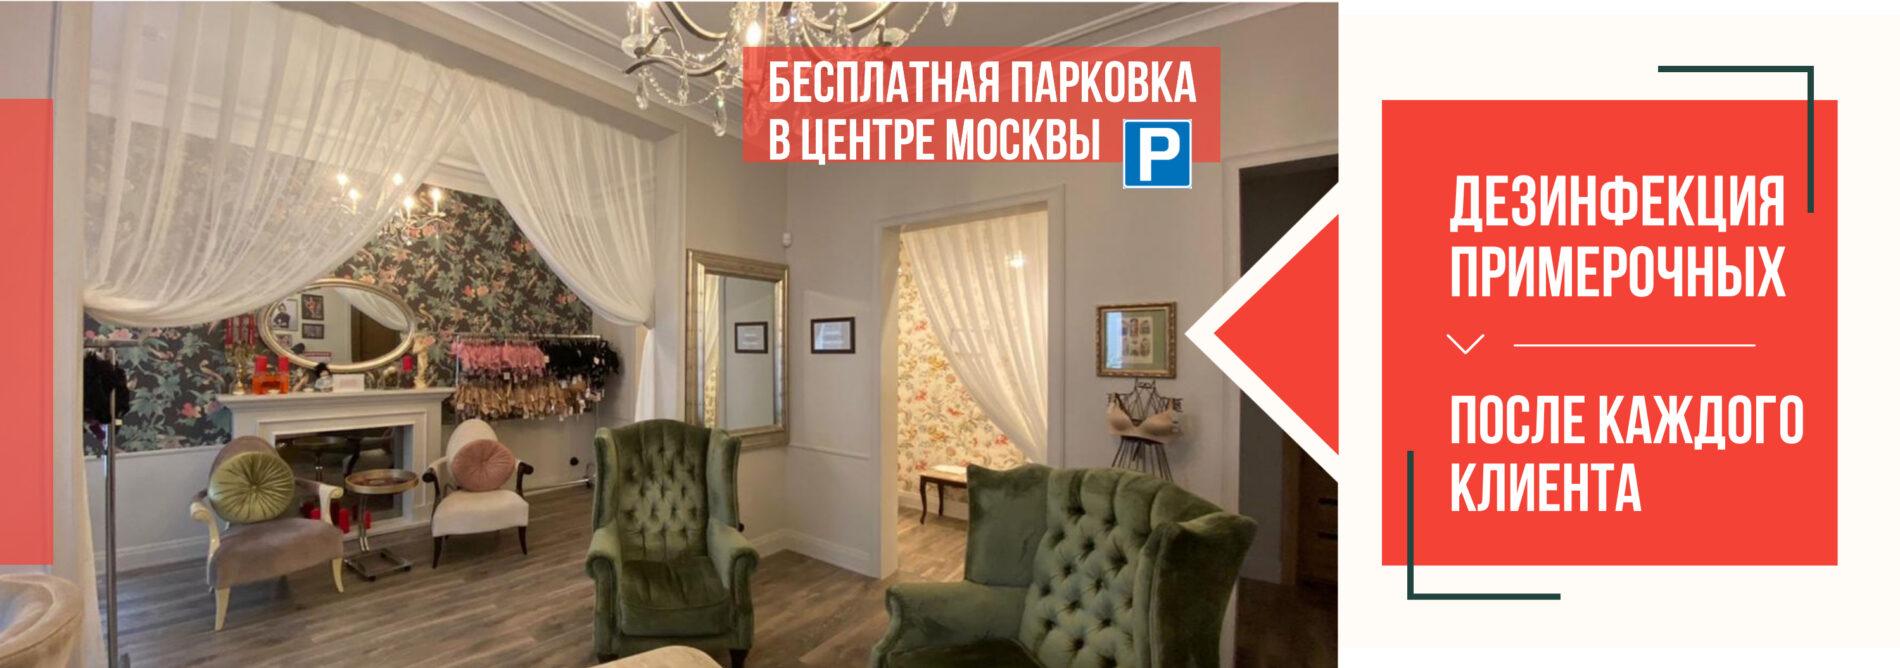 Салон брафиттинга в москве